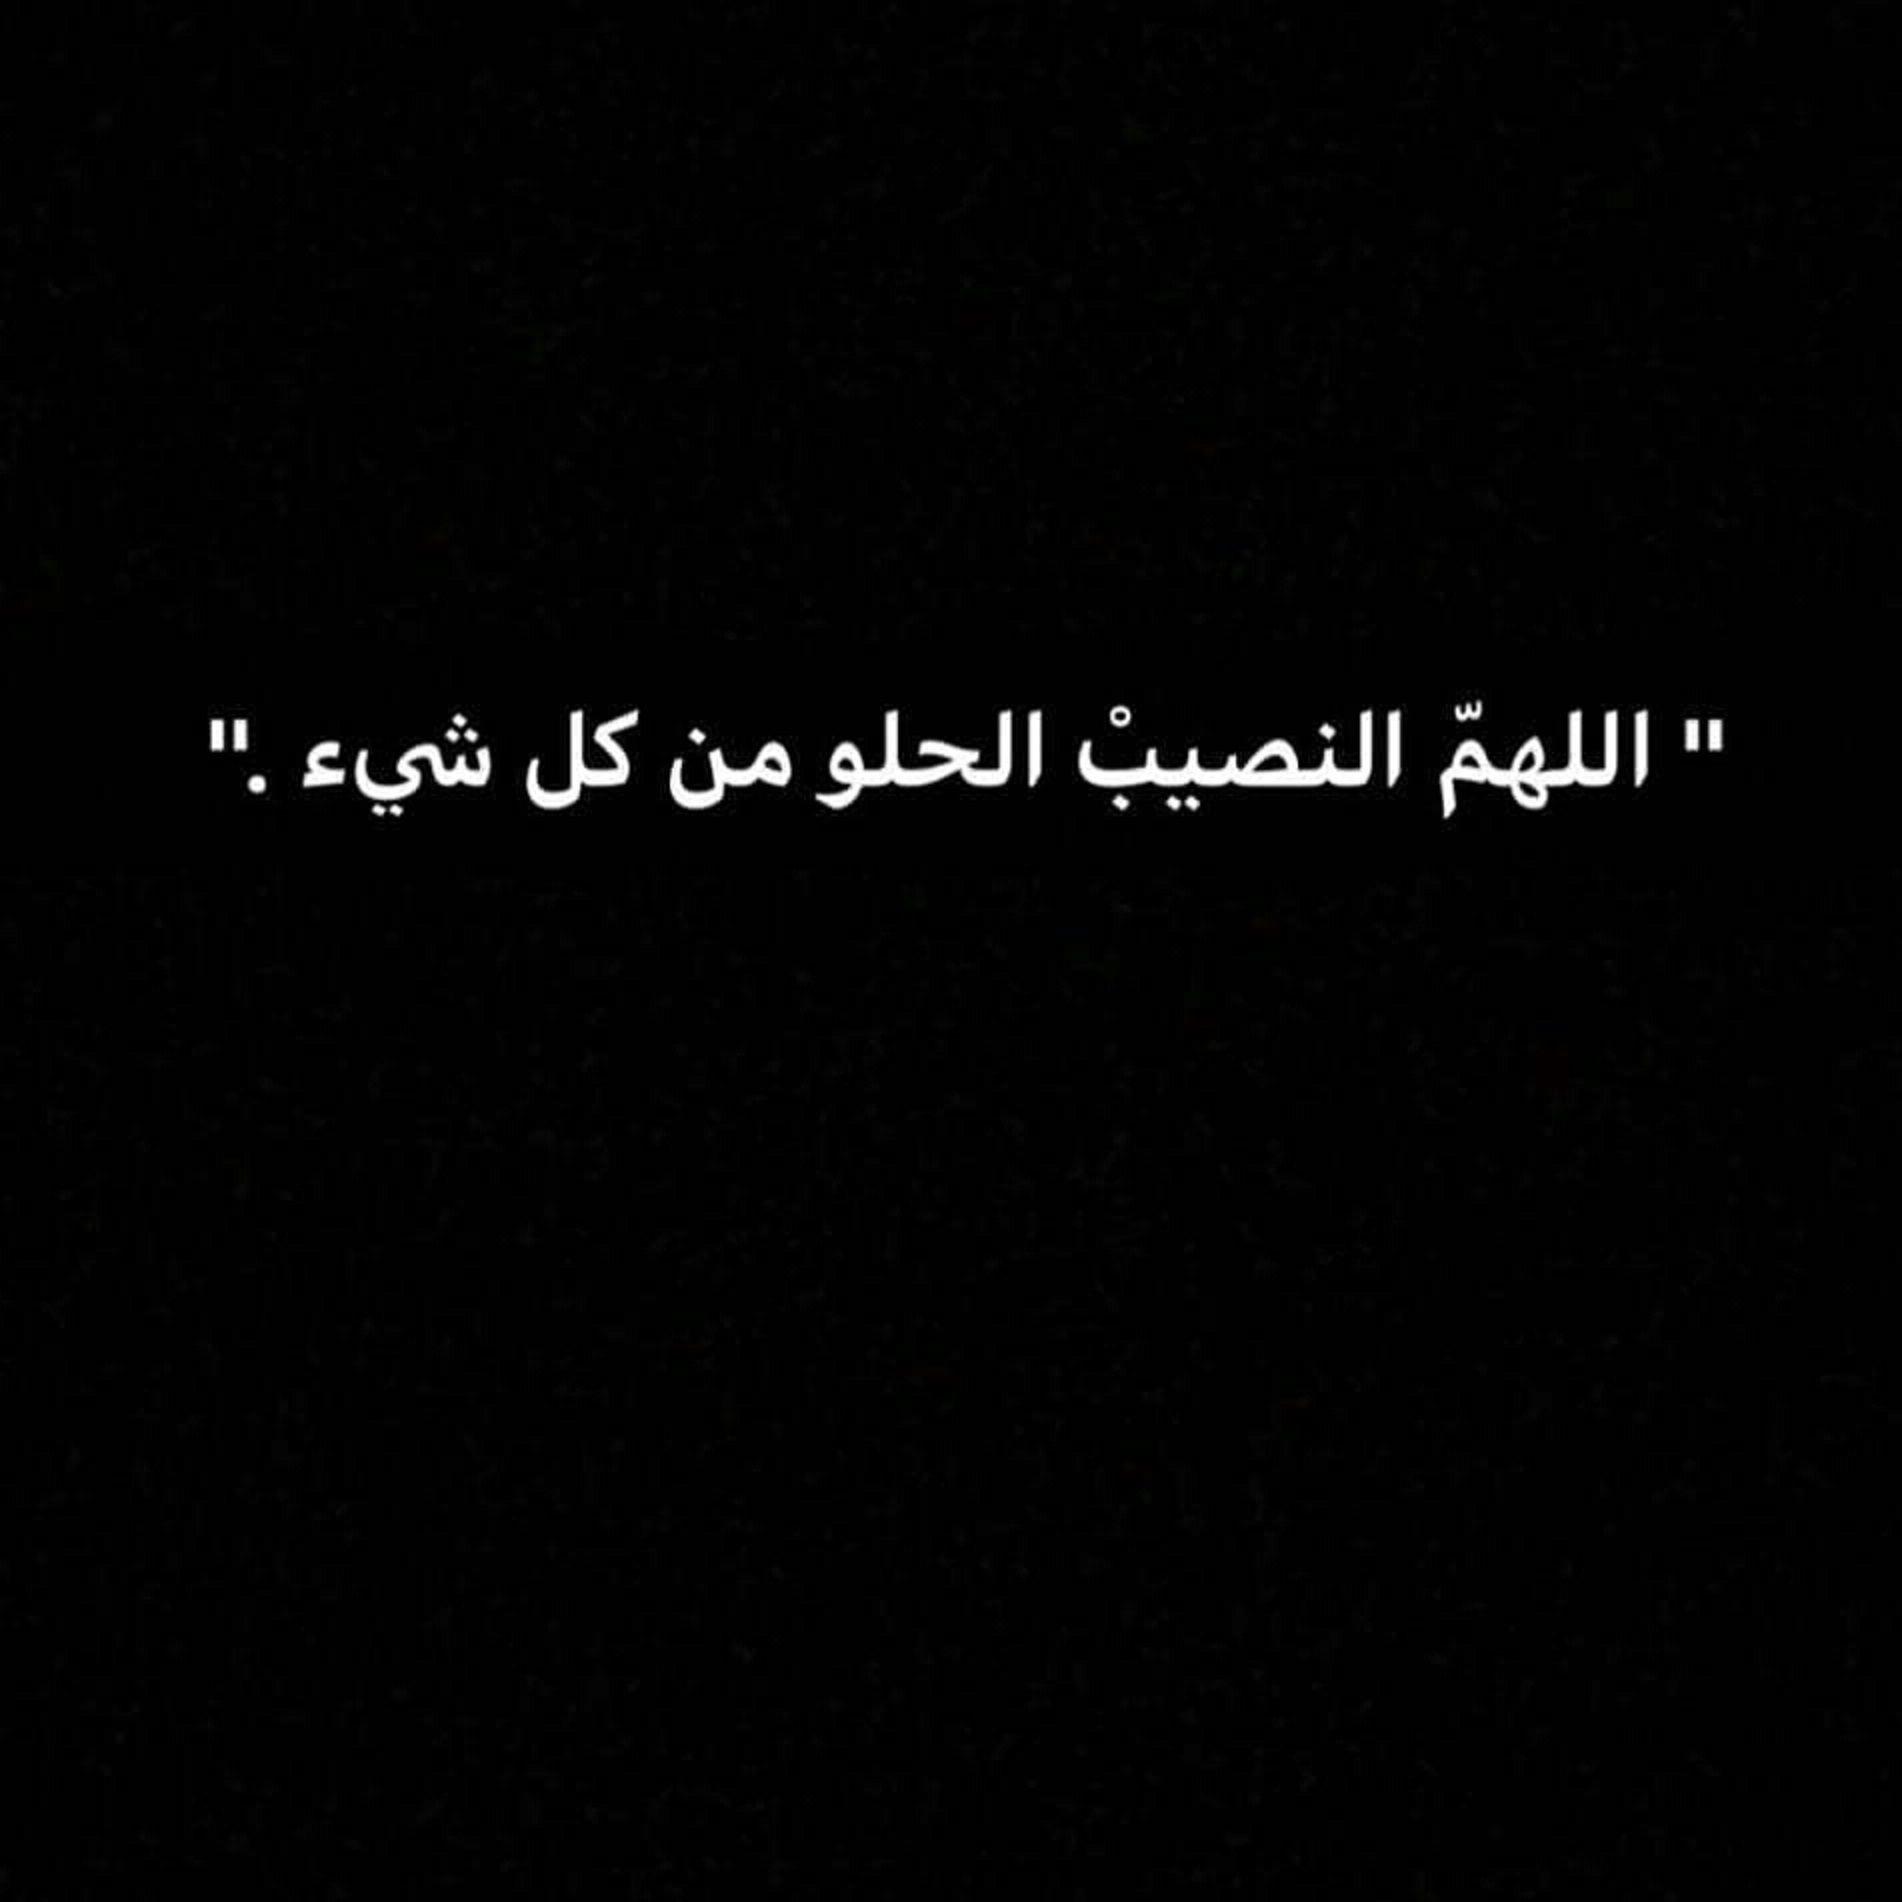 يا رب النصيب الحلو من كل شي نتمناه Coffee Recepies Arabic Calligraphy Calligraphy